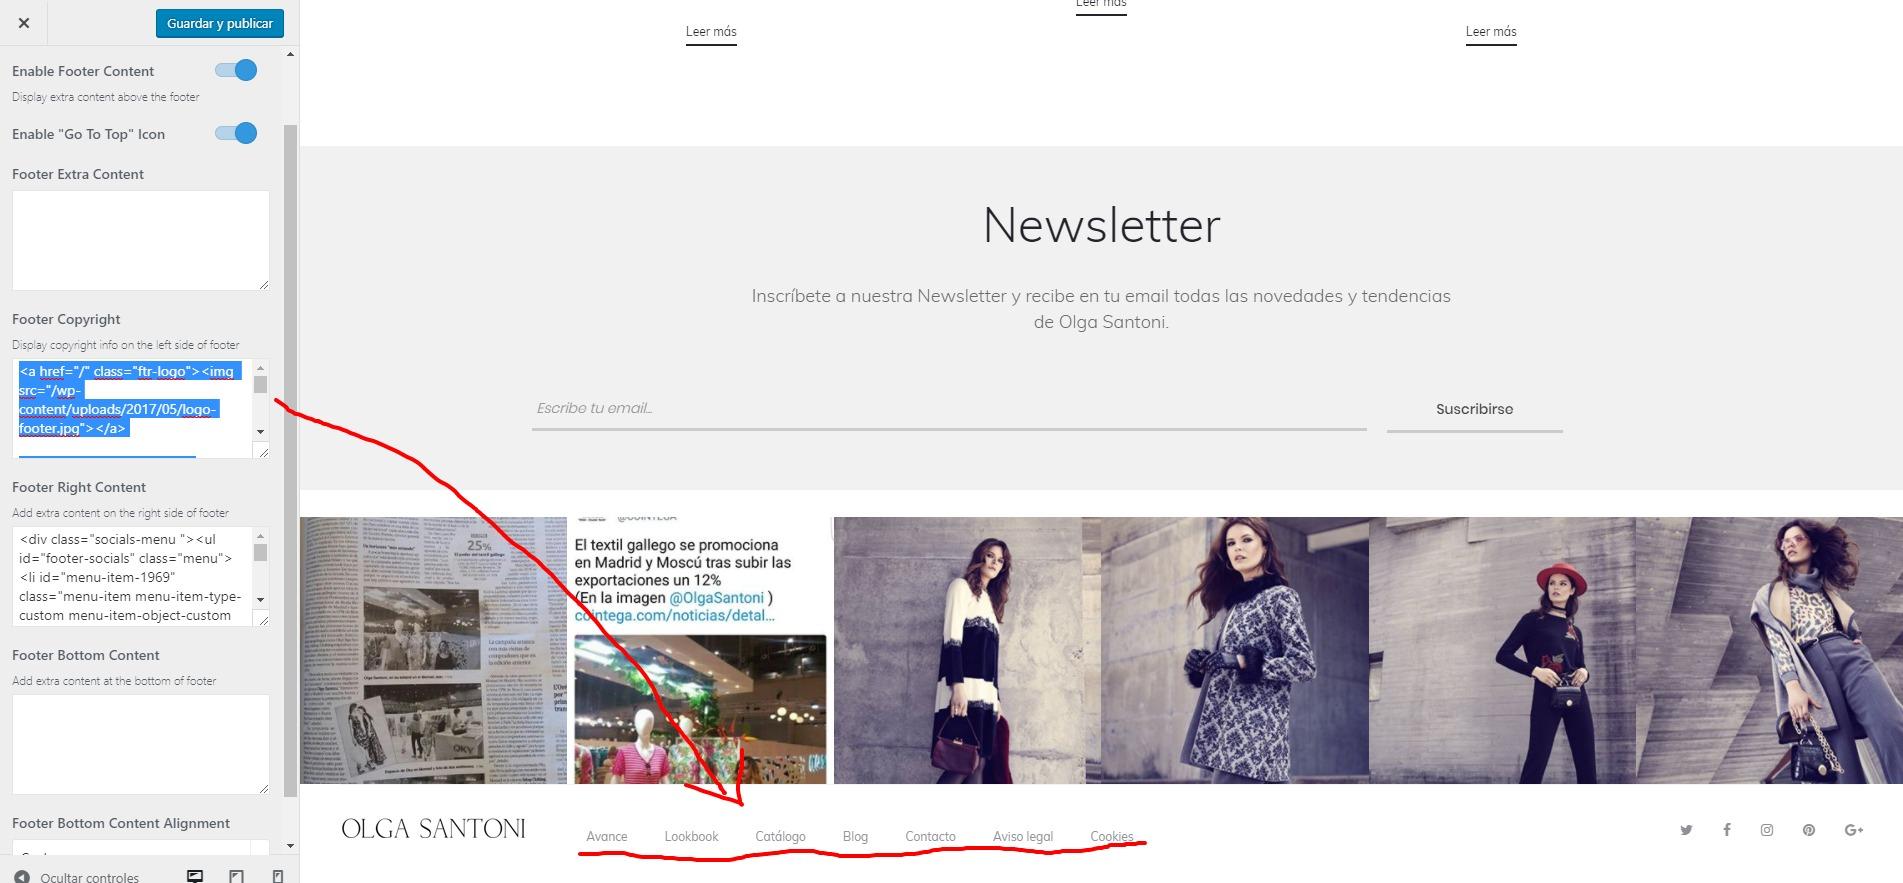 Personalizar  Prendas de punto  chaquetas  jerseys ... Moda mujer Olga Santoni (1).jpg